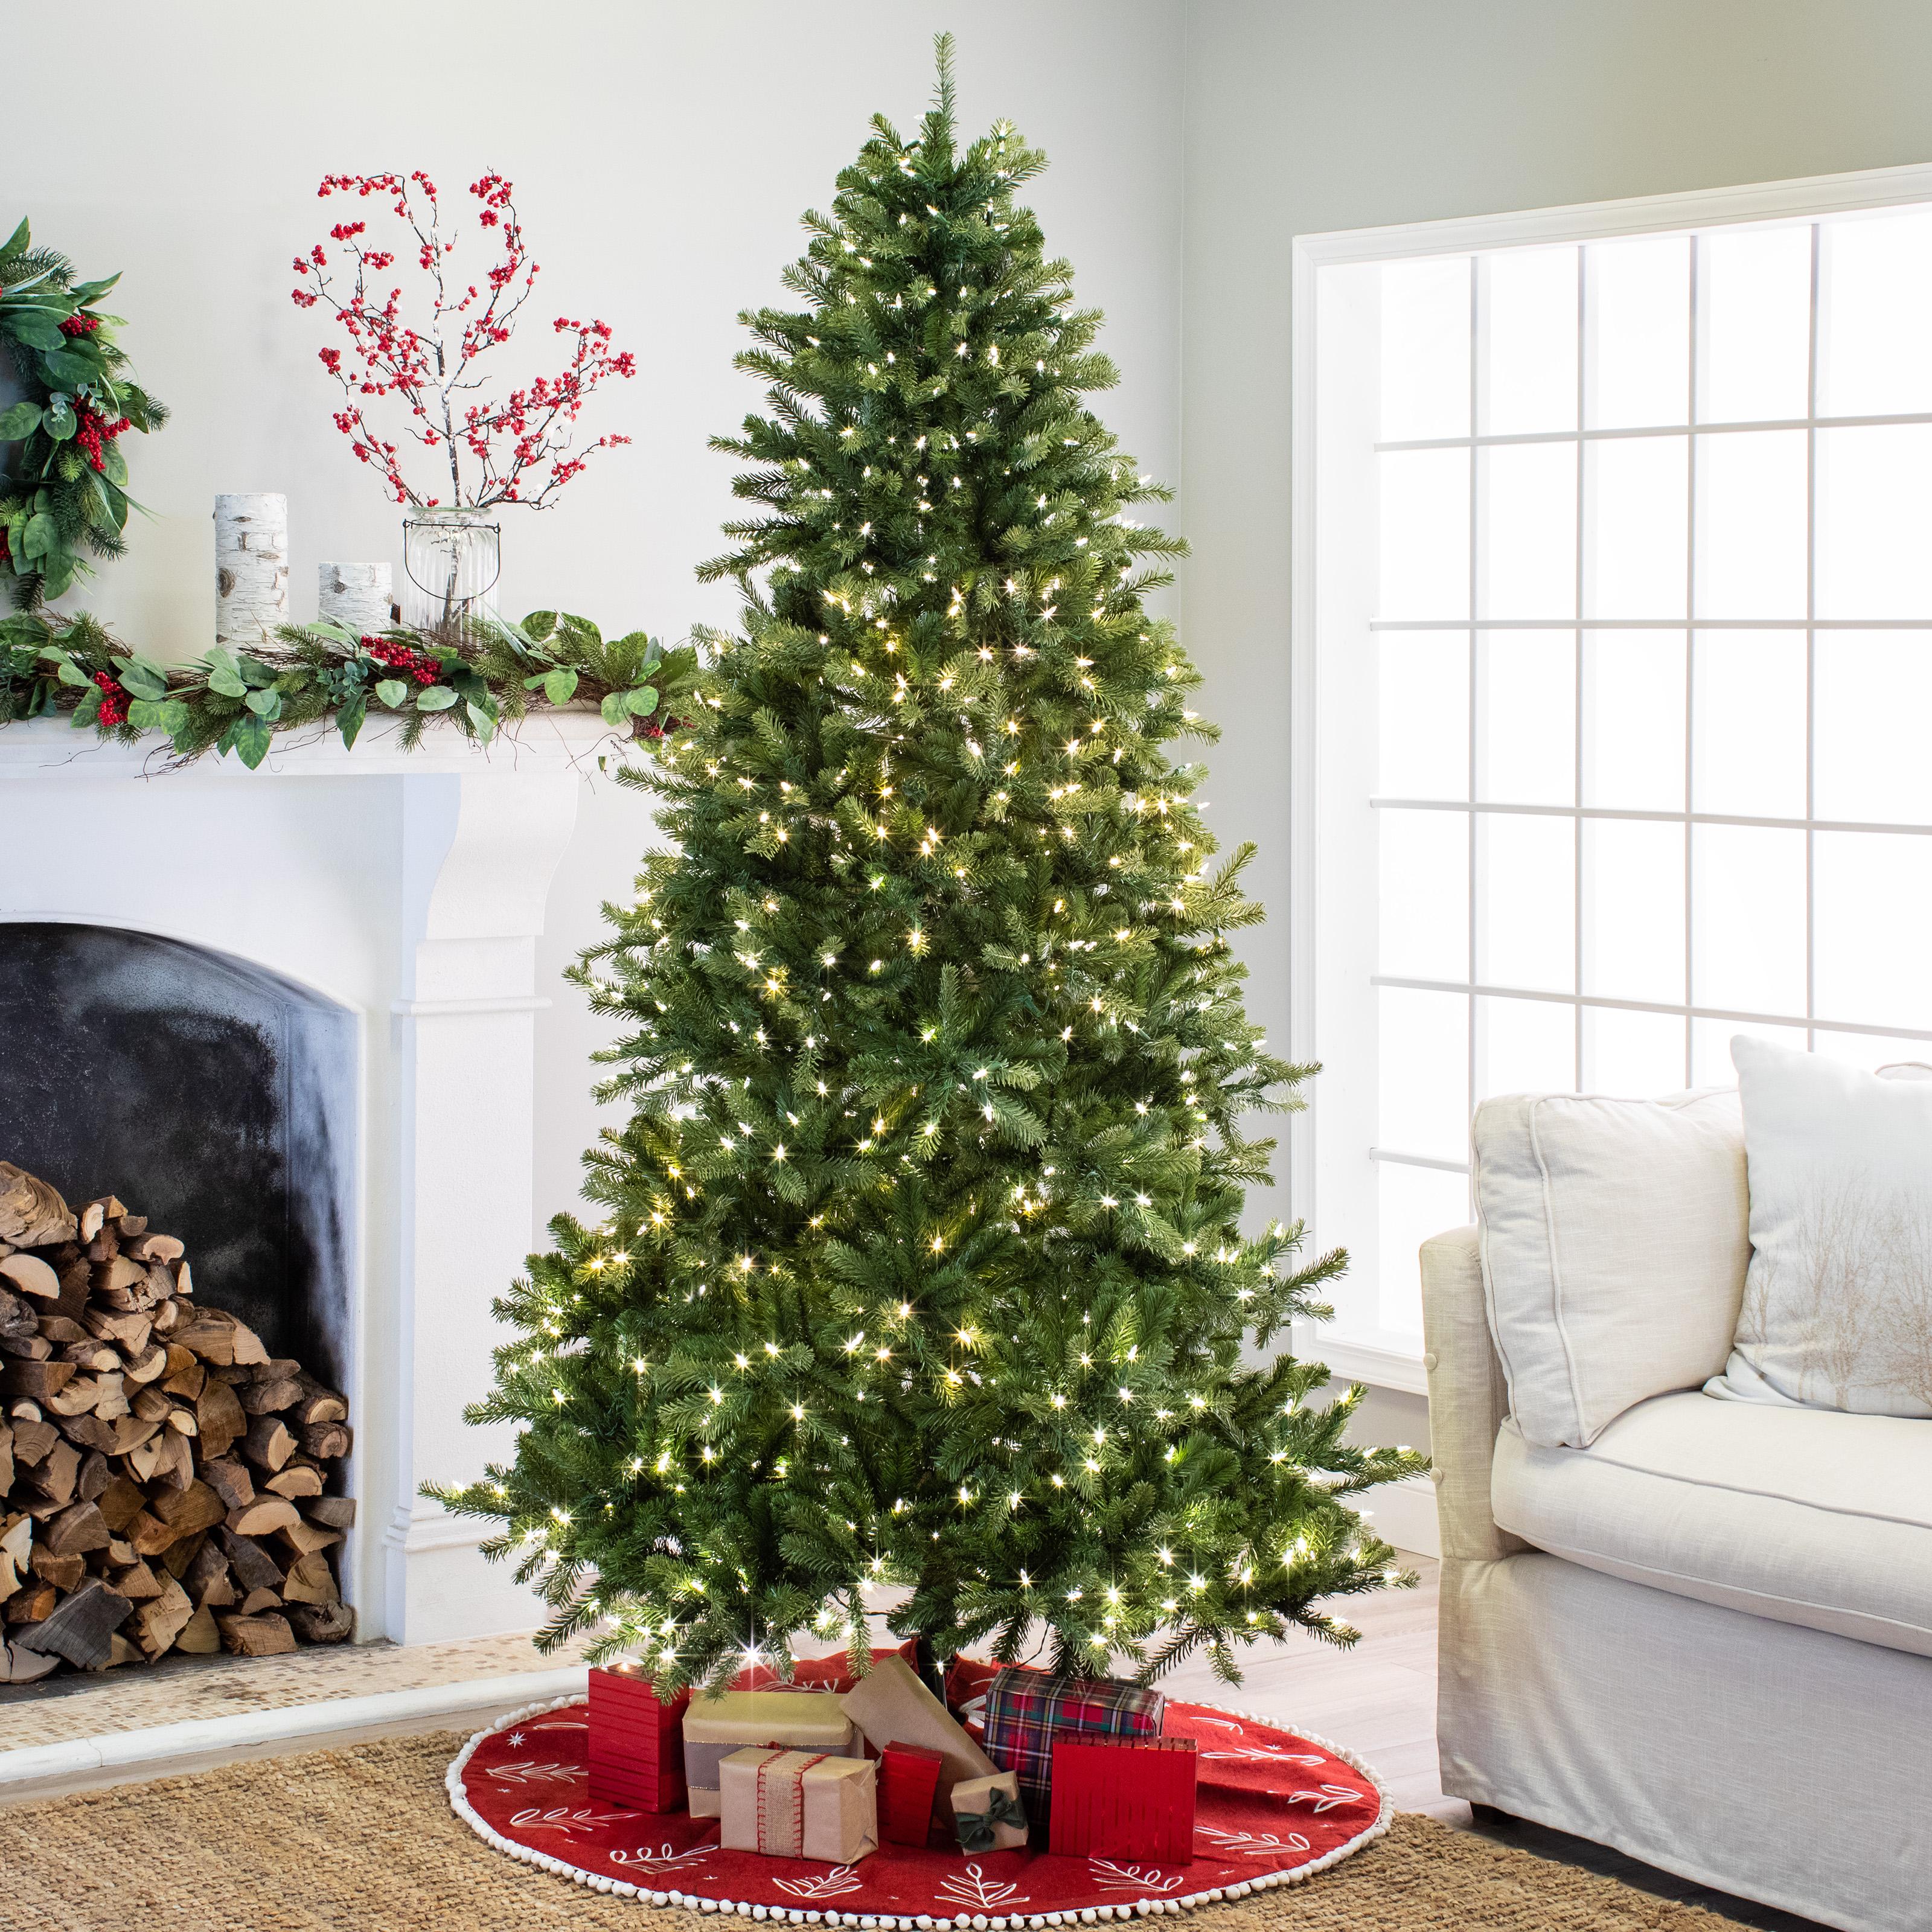 Belham Living 7.5ft Pre-Lit Newport Fir Artificial Christmas Tree with 800 LED Clear Lights - Green